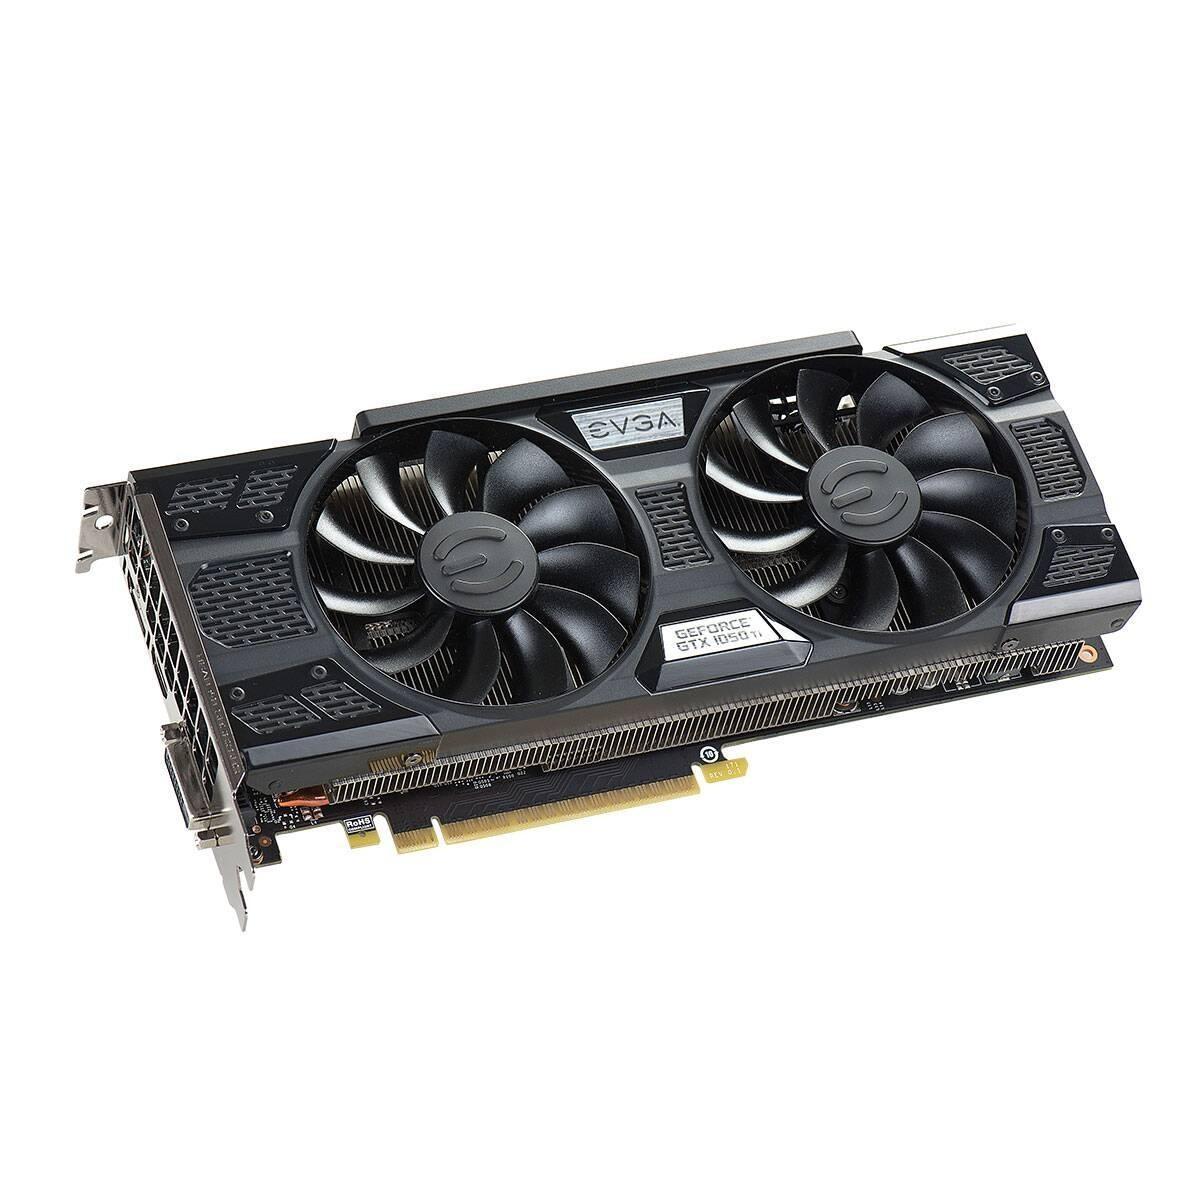 """Видеокарта EVGA GeForce GTX 1050 Ti FTW GAMING ACX 3.0 (04G-P4-6258-KR) """"Over-Stock"""" Б/У"""